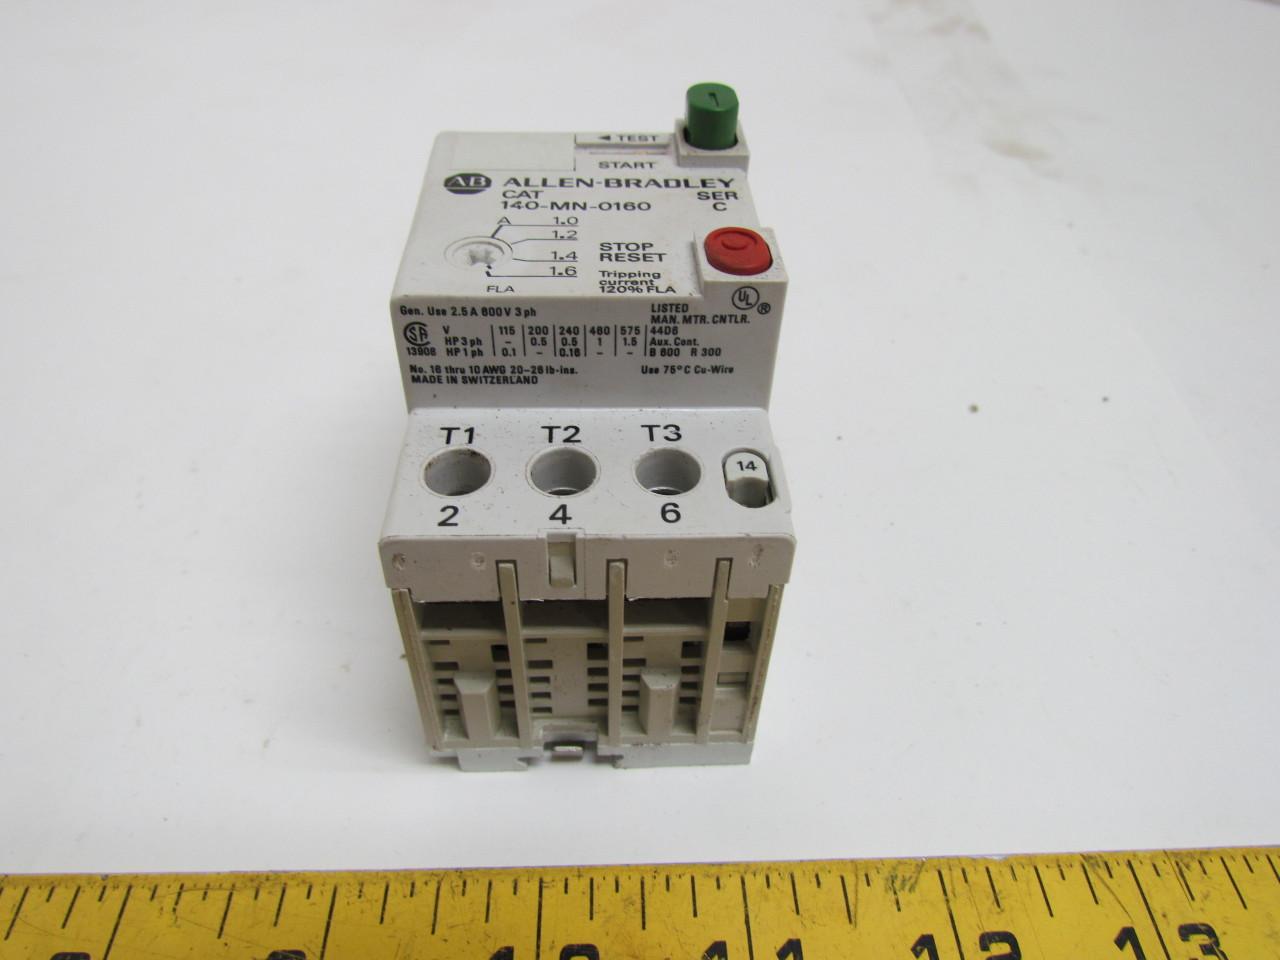 Allen Bradley 140 Mn 0160 Manual Motor Starter 2 5a 600v